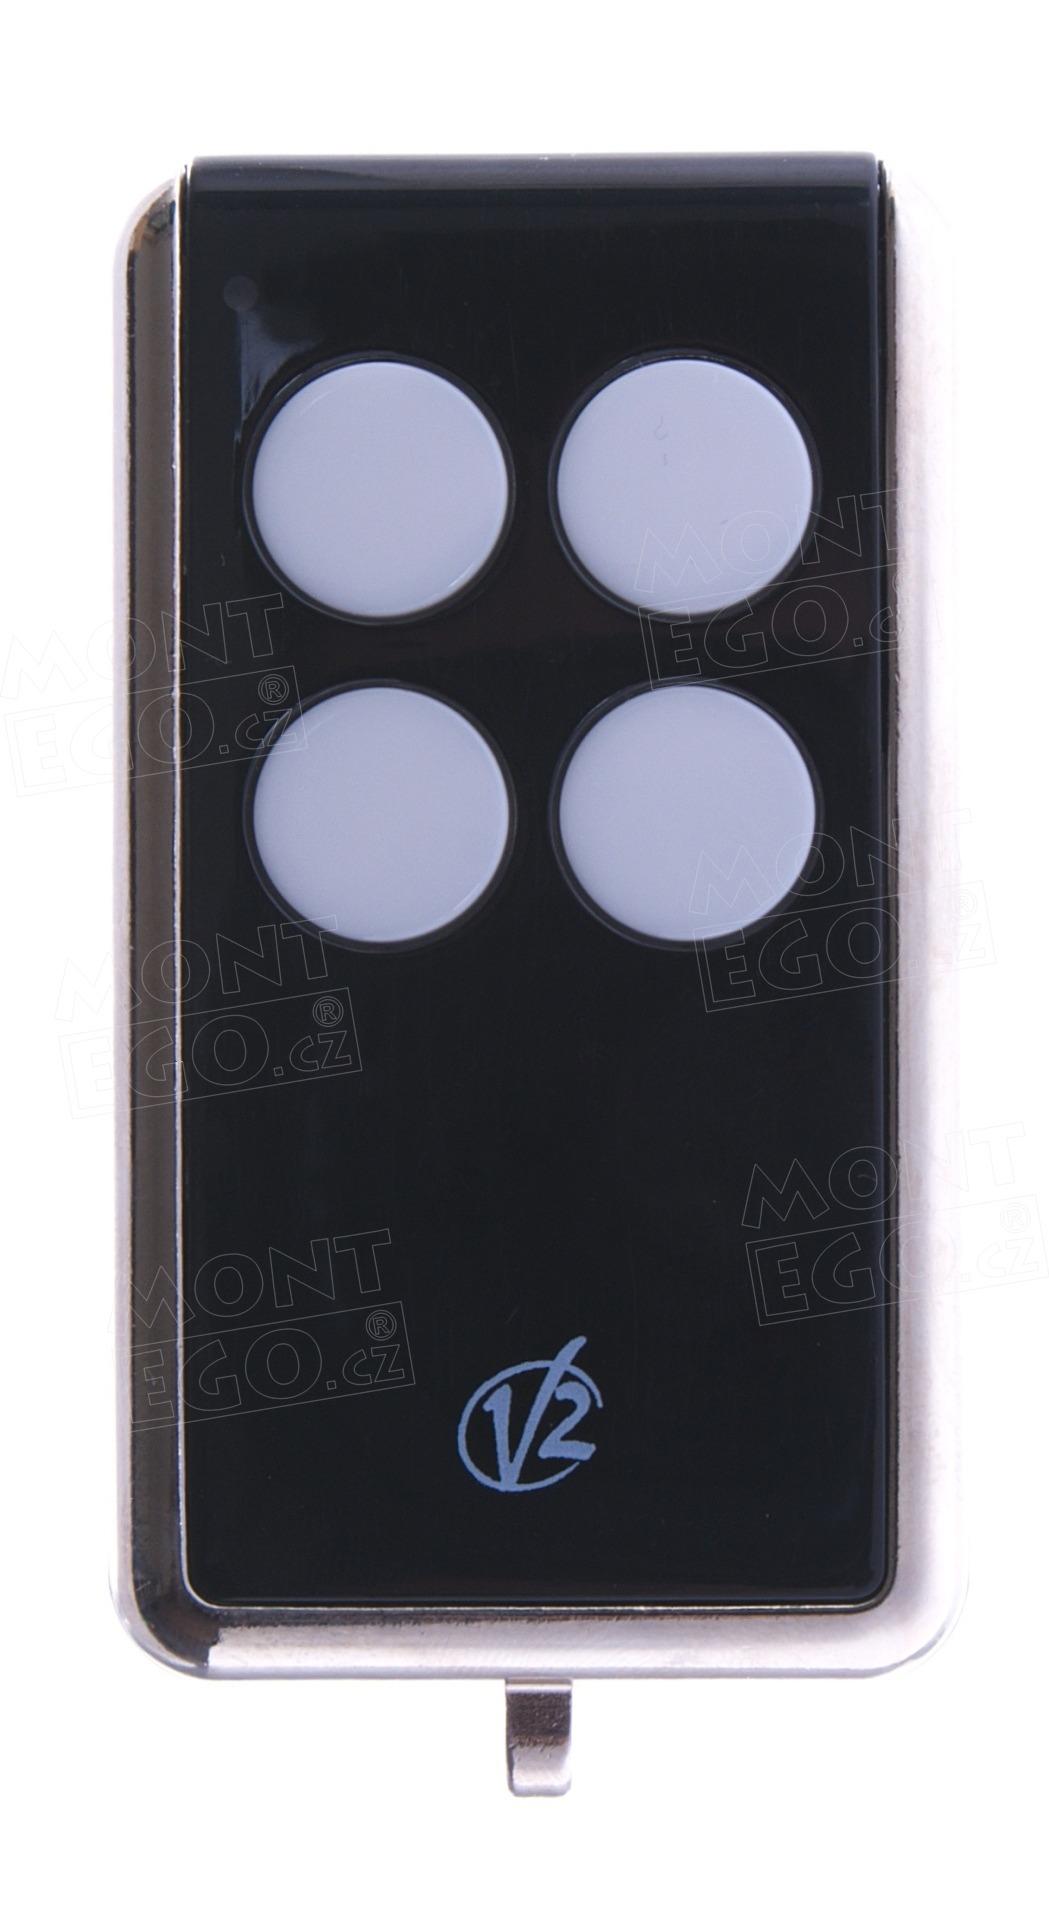 Dálkový ovládač V2 MATCH-B pro naklonování ovládačů s pevným kódem na 433,92 MHz, černý